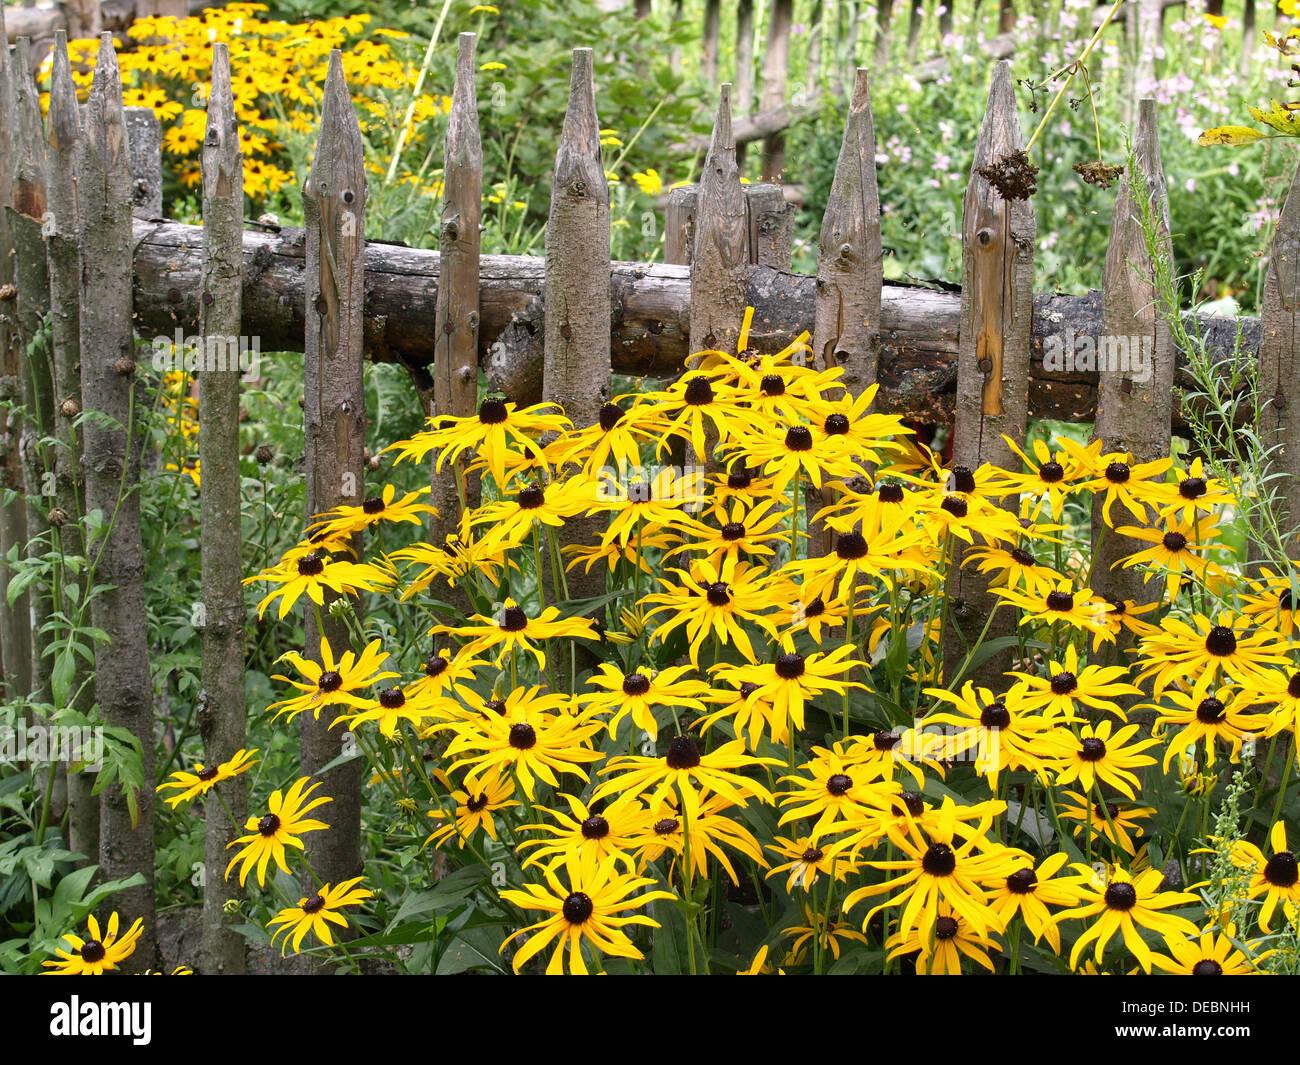 garden with orange coneflowers and wooden fence / Garten mit Gewöhnlichem Sonnenhut und Holzzaun - Stock Image